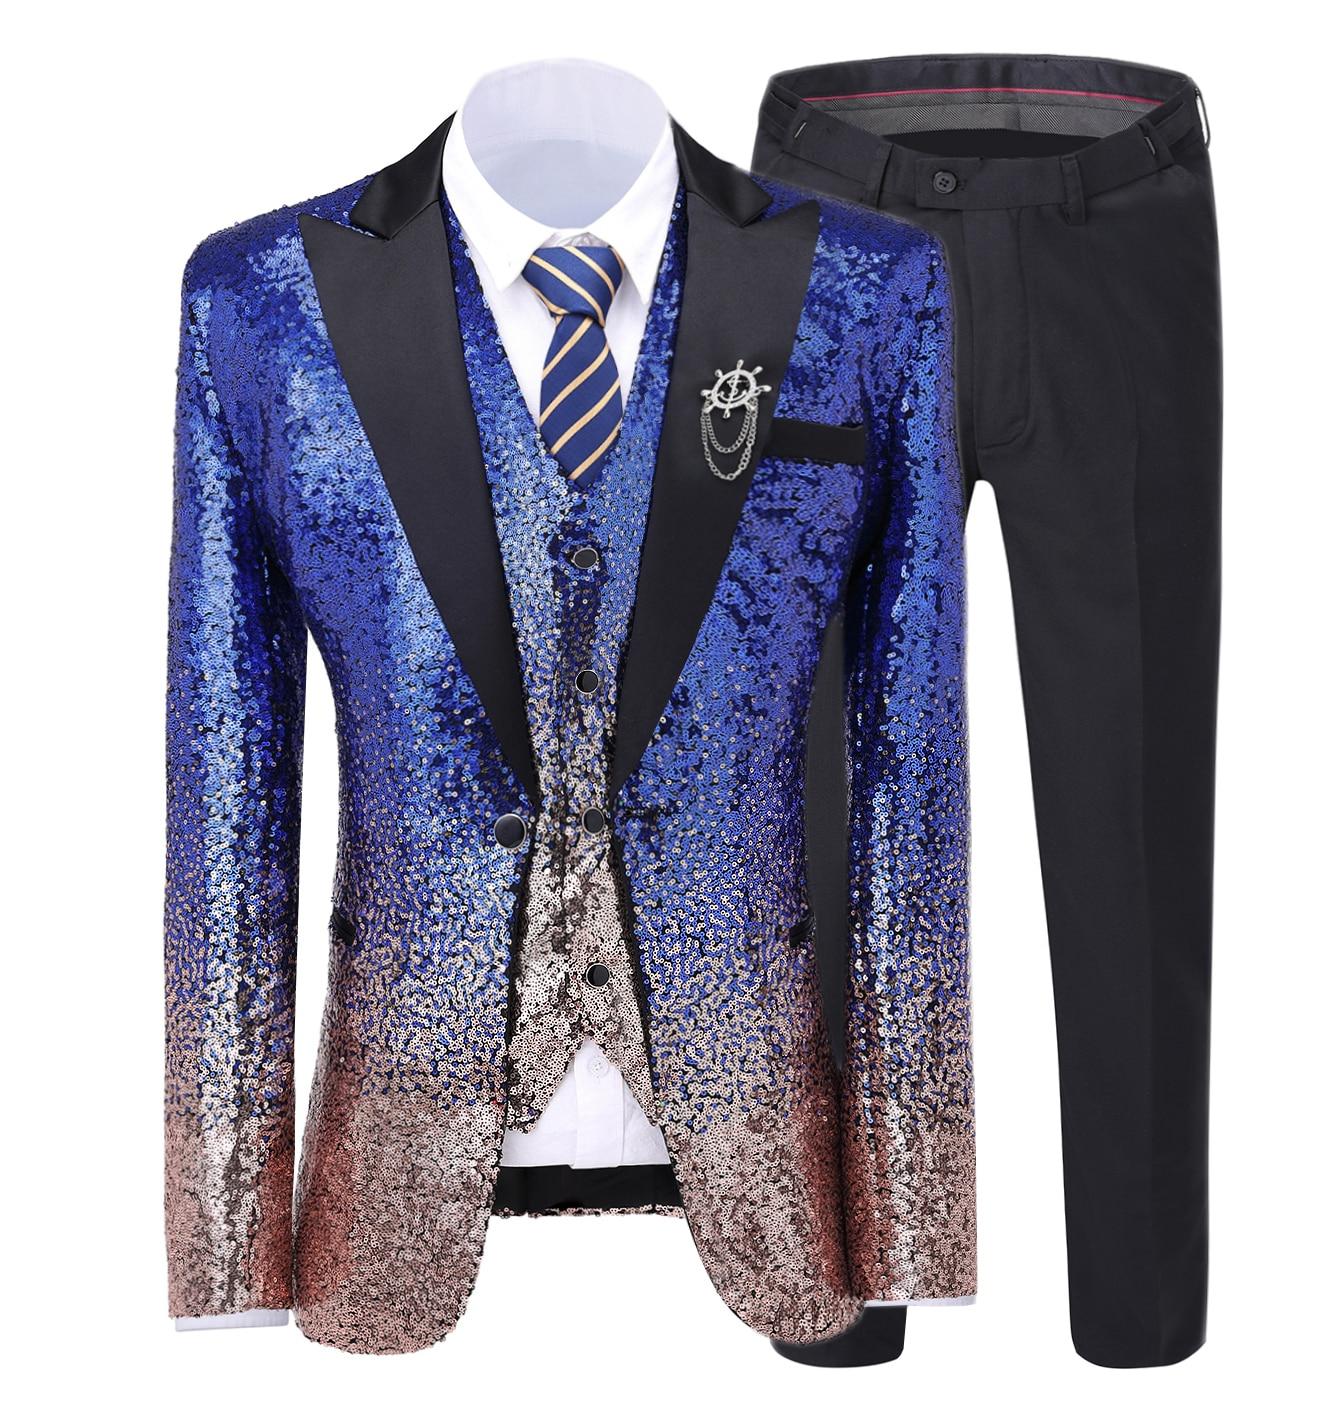 Solovedress Mens Sequins Blazer Vest Suit Peak Lapel 3Pieces Vintage Gradient Stage Party Perfermance Suit Shiny Fashion Tuxedos